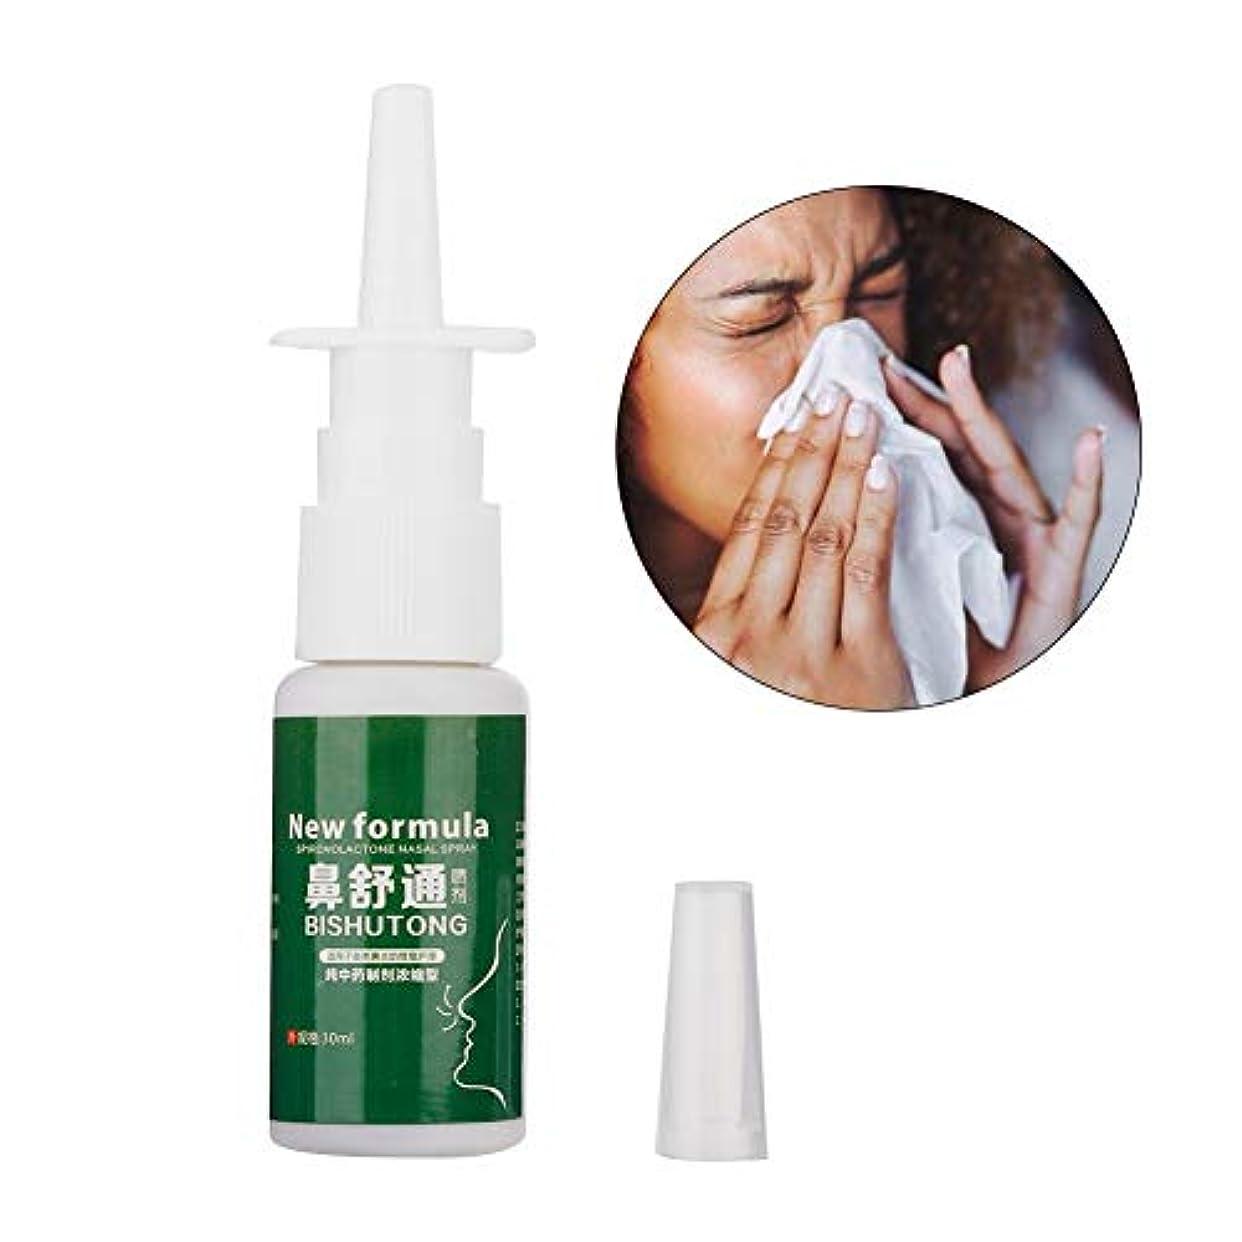 橋脚白雪姫機械鼻アレルギー鼻炎スプレー、30ml鼻炎ハーブスプレー鼻アレルギーとかゆみ鼻炎のための漢方薬